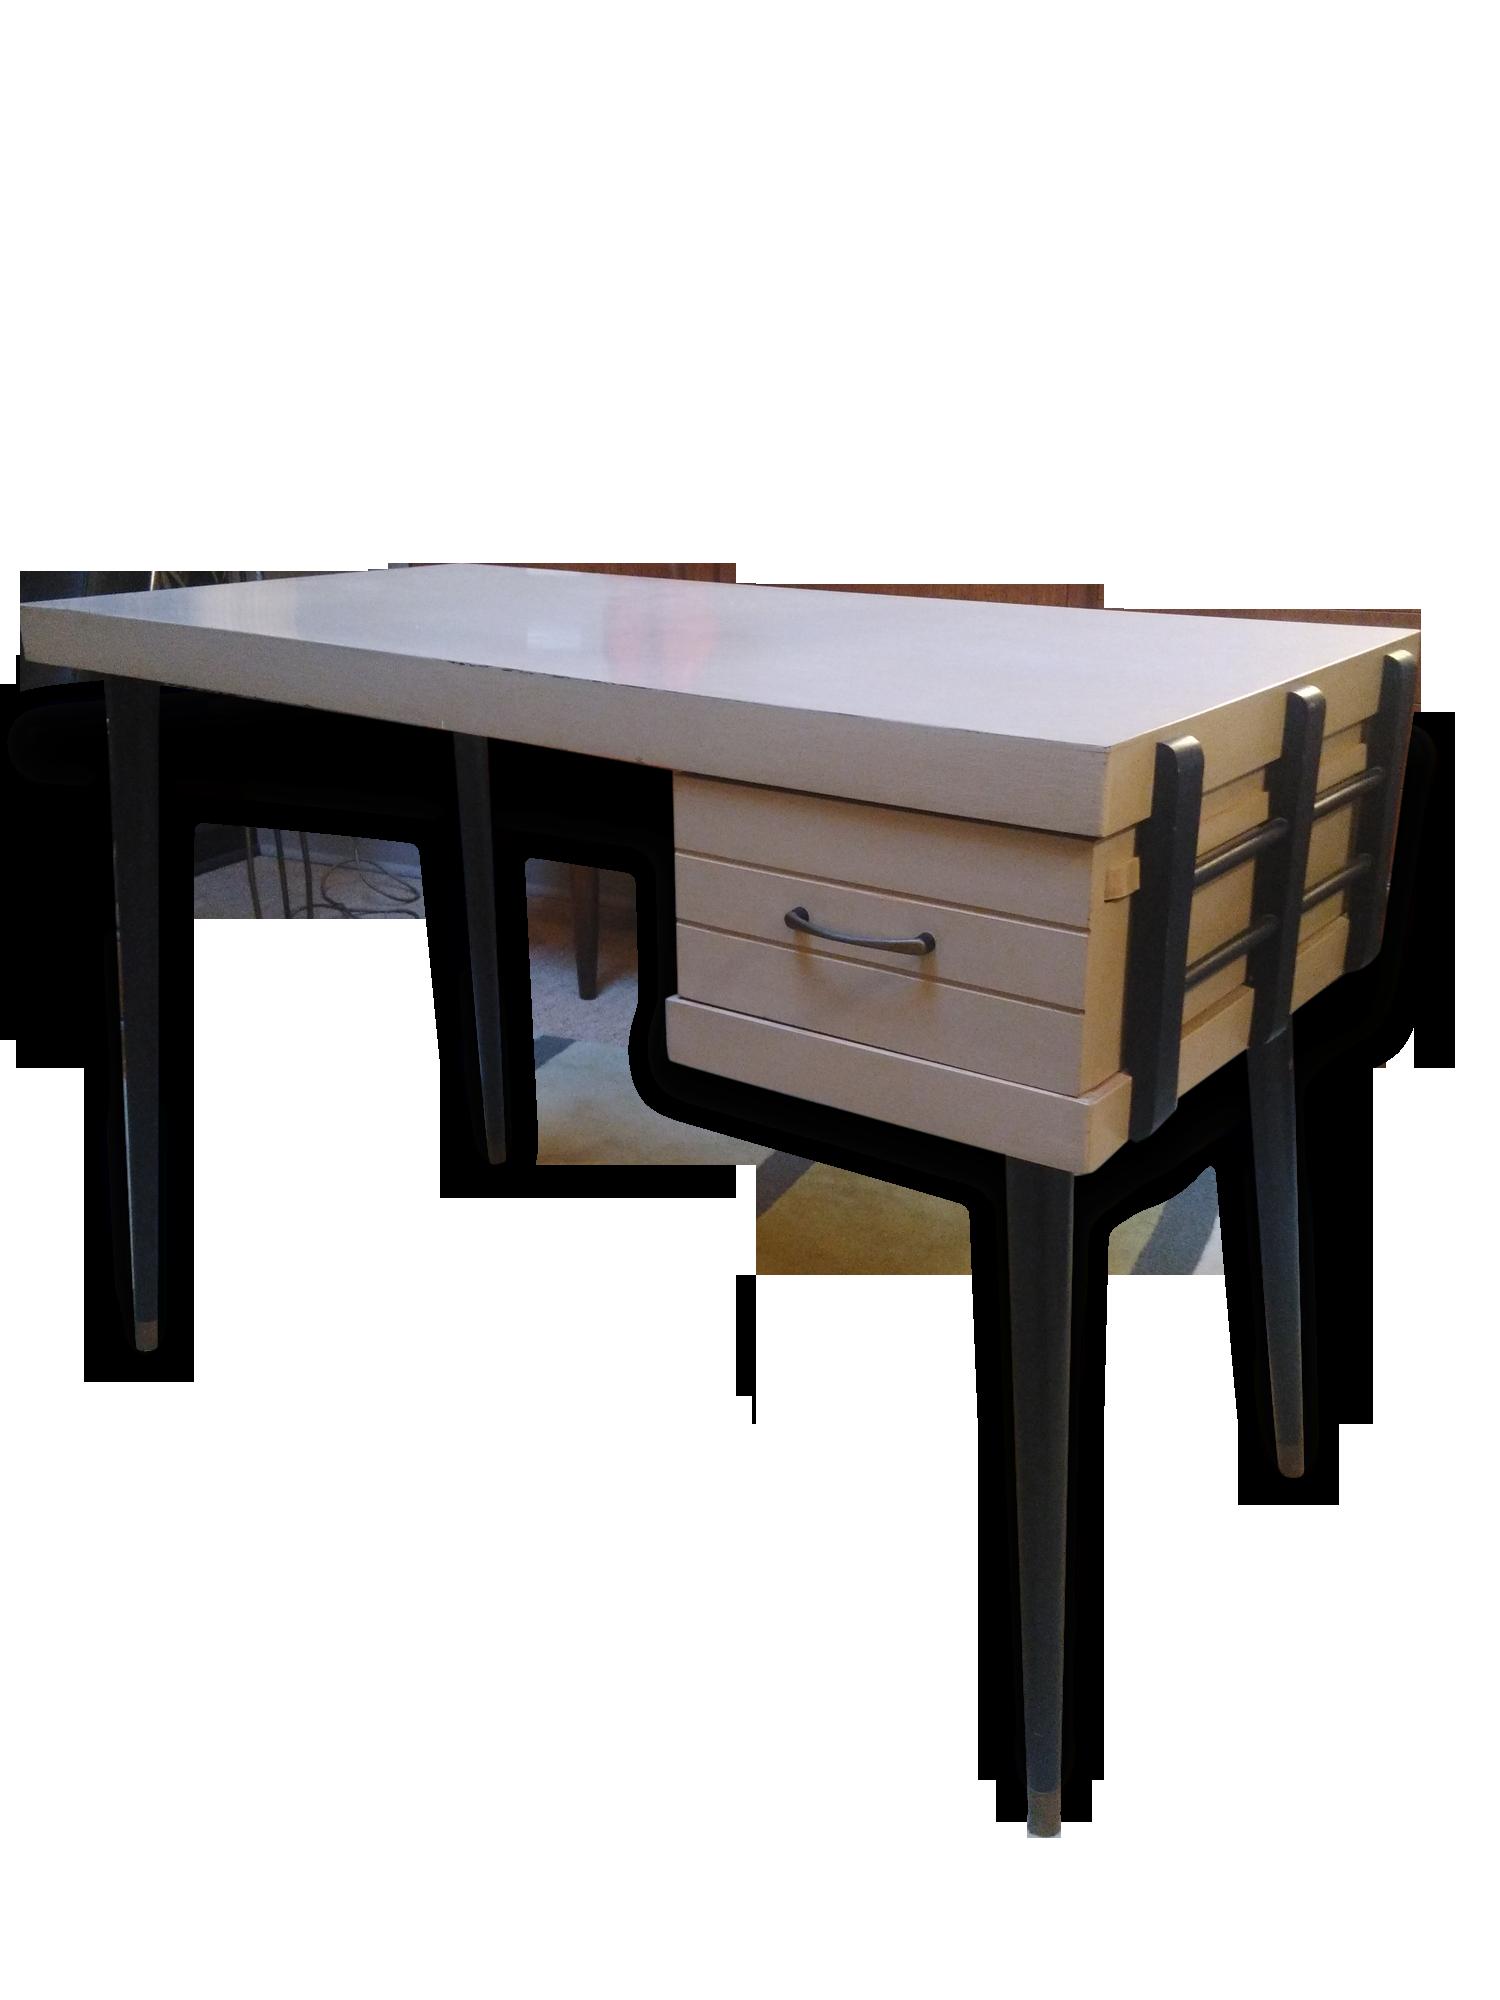 Bureau années etats unis bois matériau beige vintage